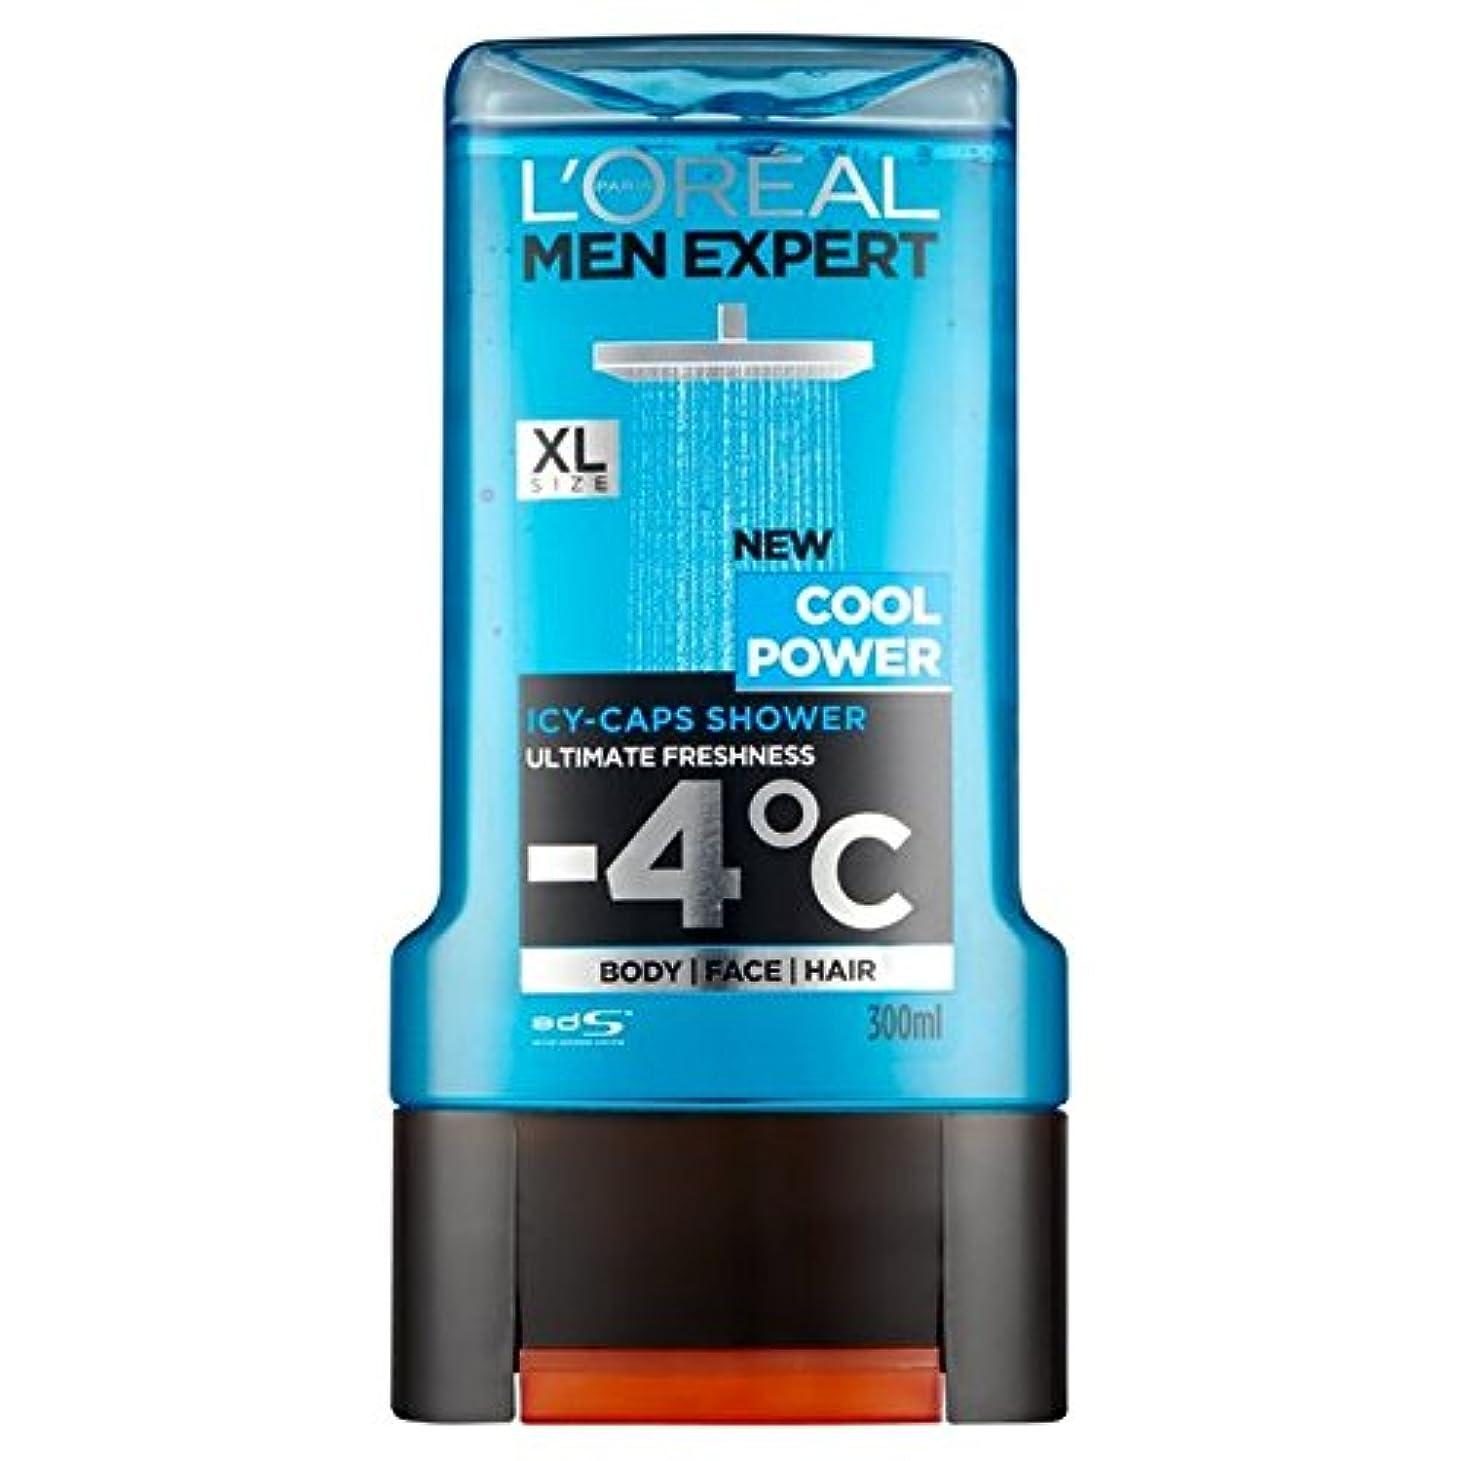 ネット今フォローL'Oreal Paris Men Expert Cool Power Shower Gel 300ml - ロレアルパリの男性の専門家のクールなパワーシャワージェル300ミリリットル [並行輸入品]